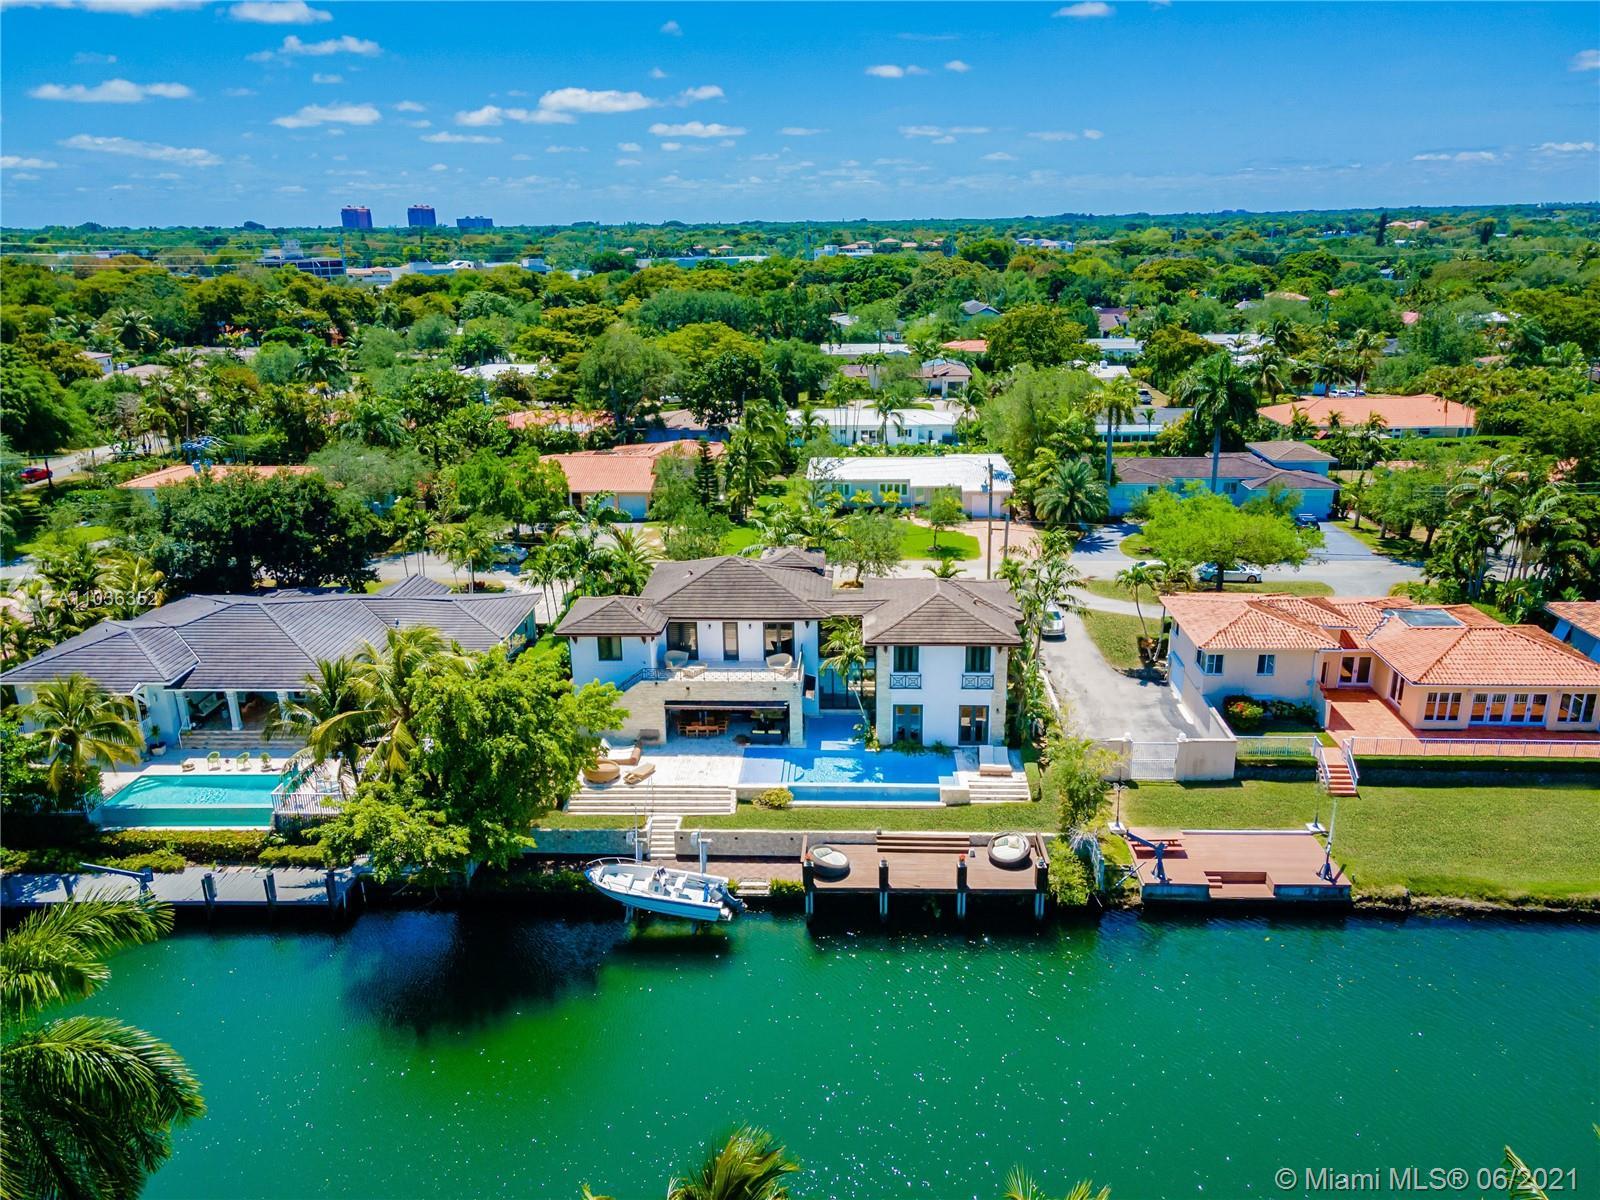 521 Vilabella Ave, Coral Gables, Florida 33146